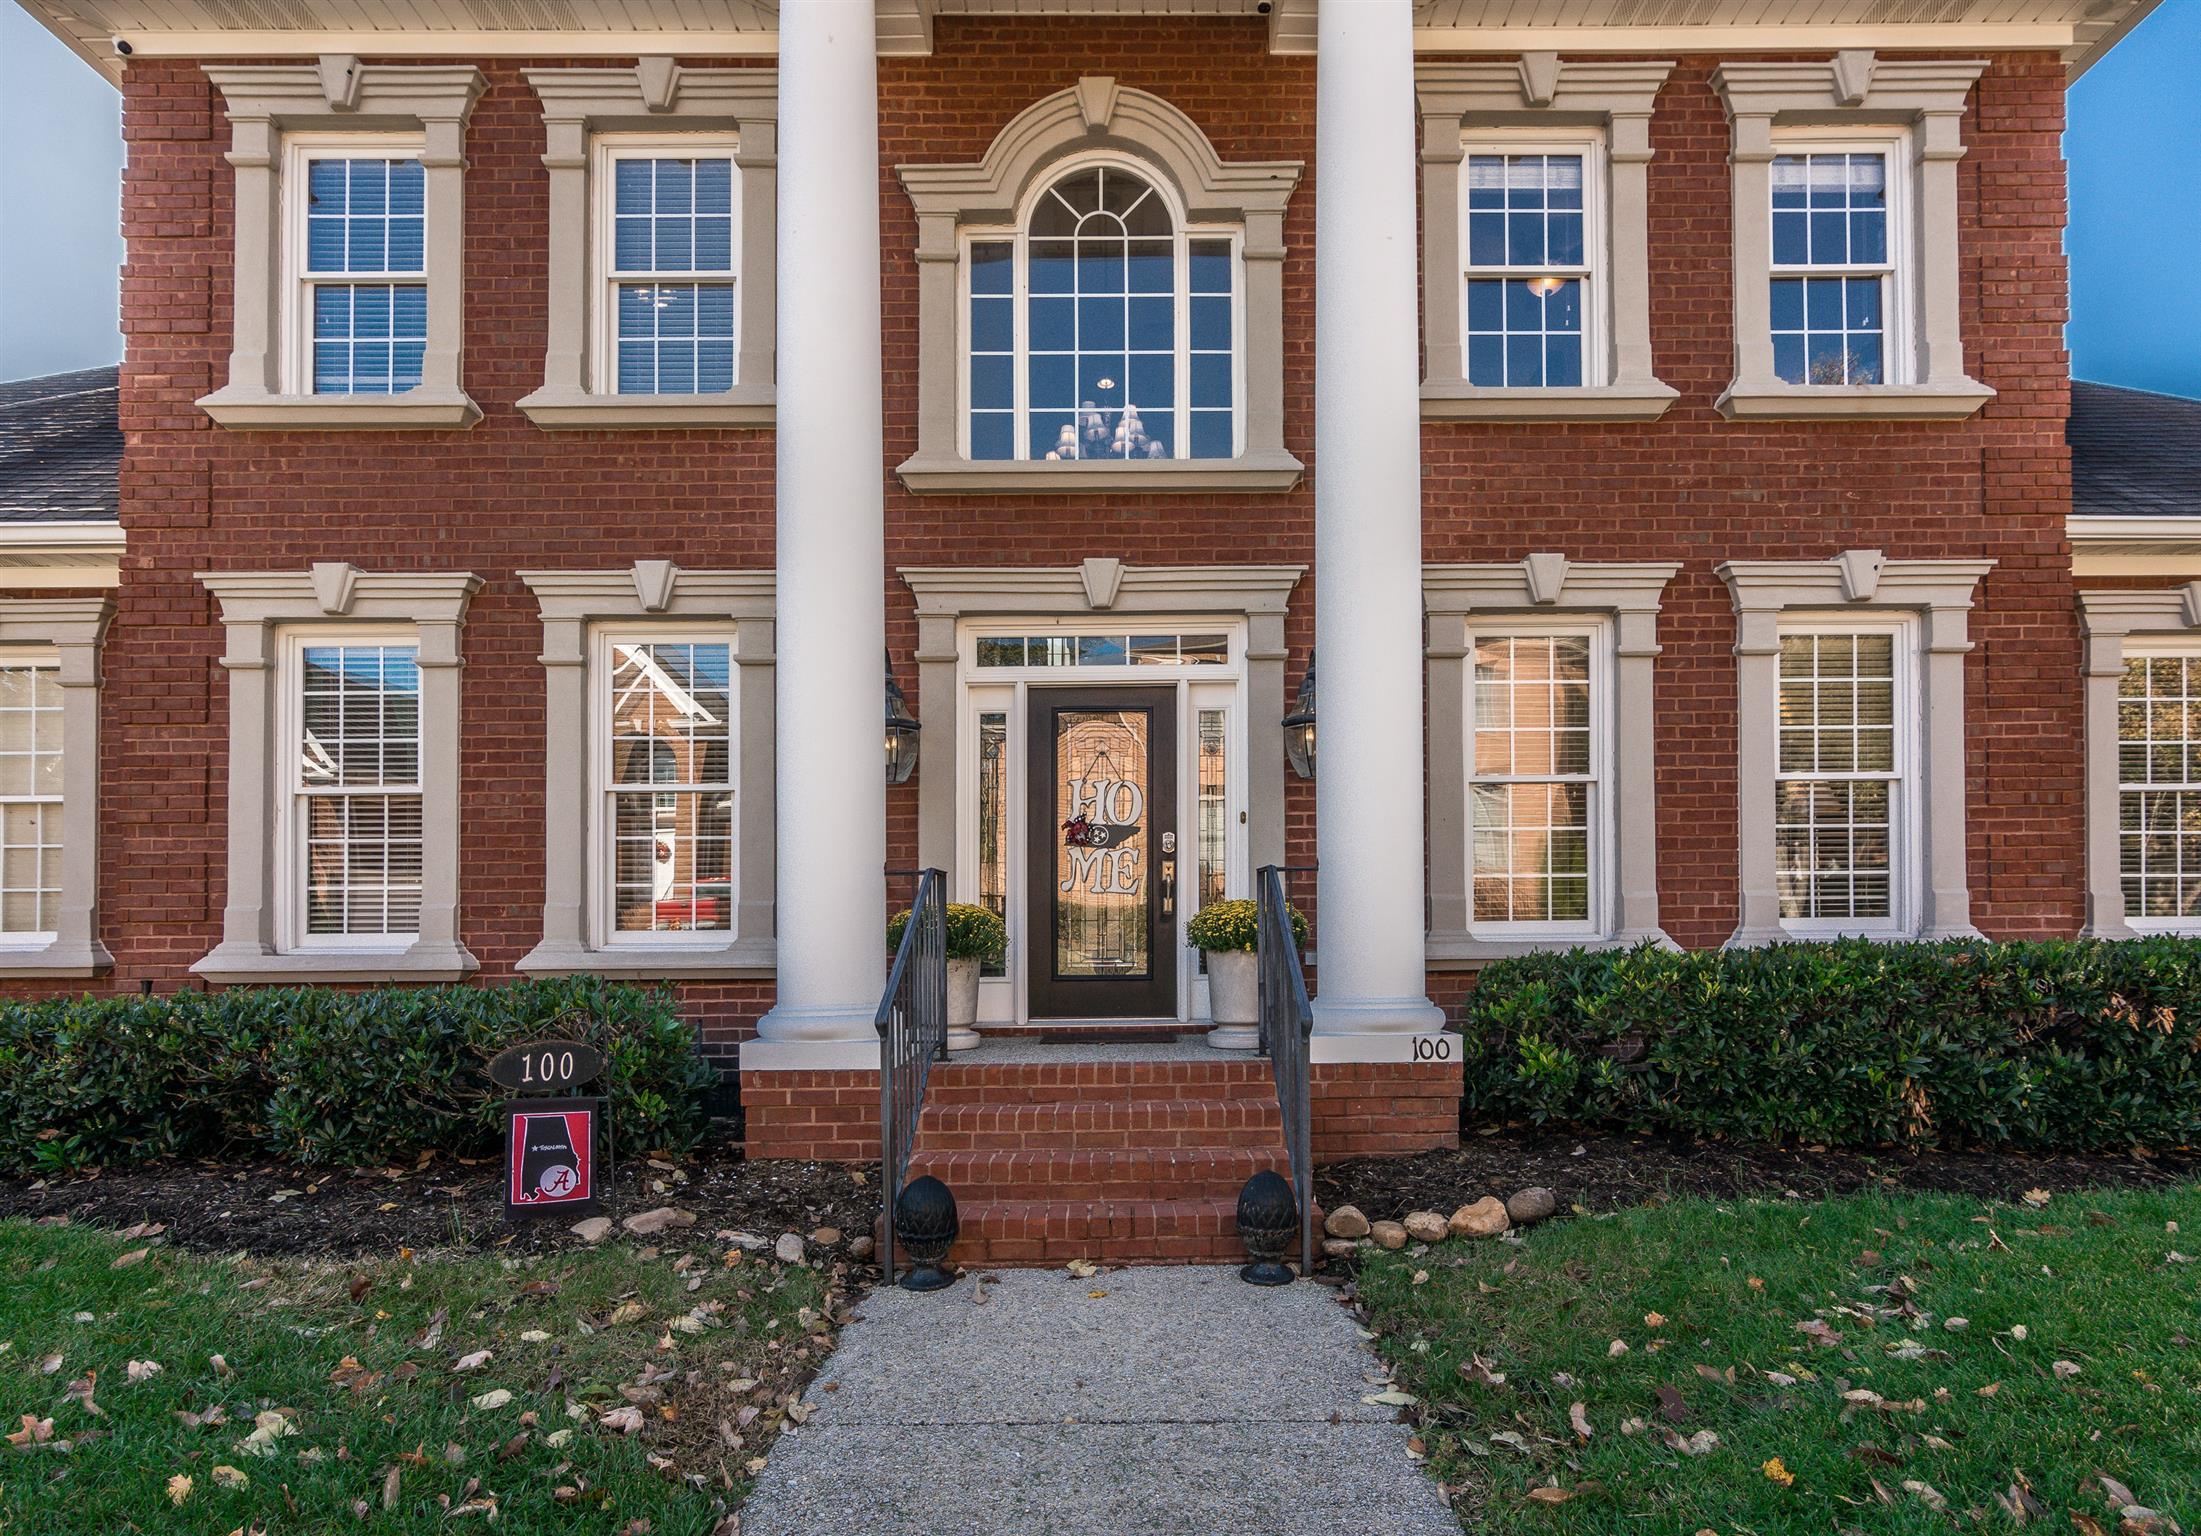 100 Ashland Point, Hendersonville, TN 37075 - Hendersonville, TN real estate listing